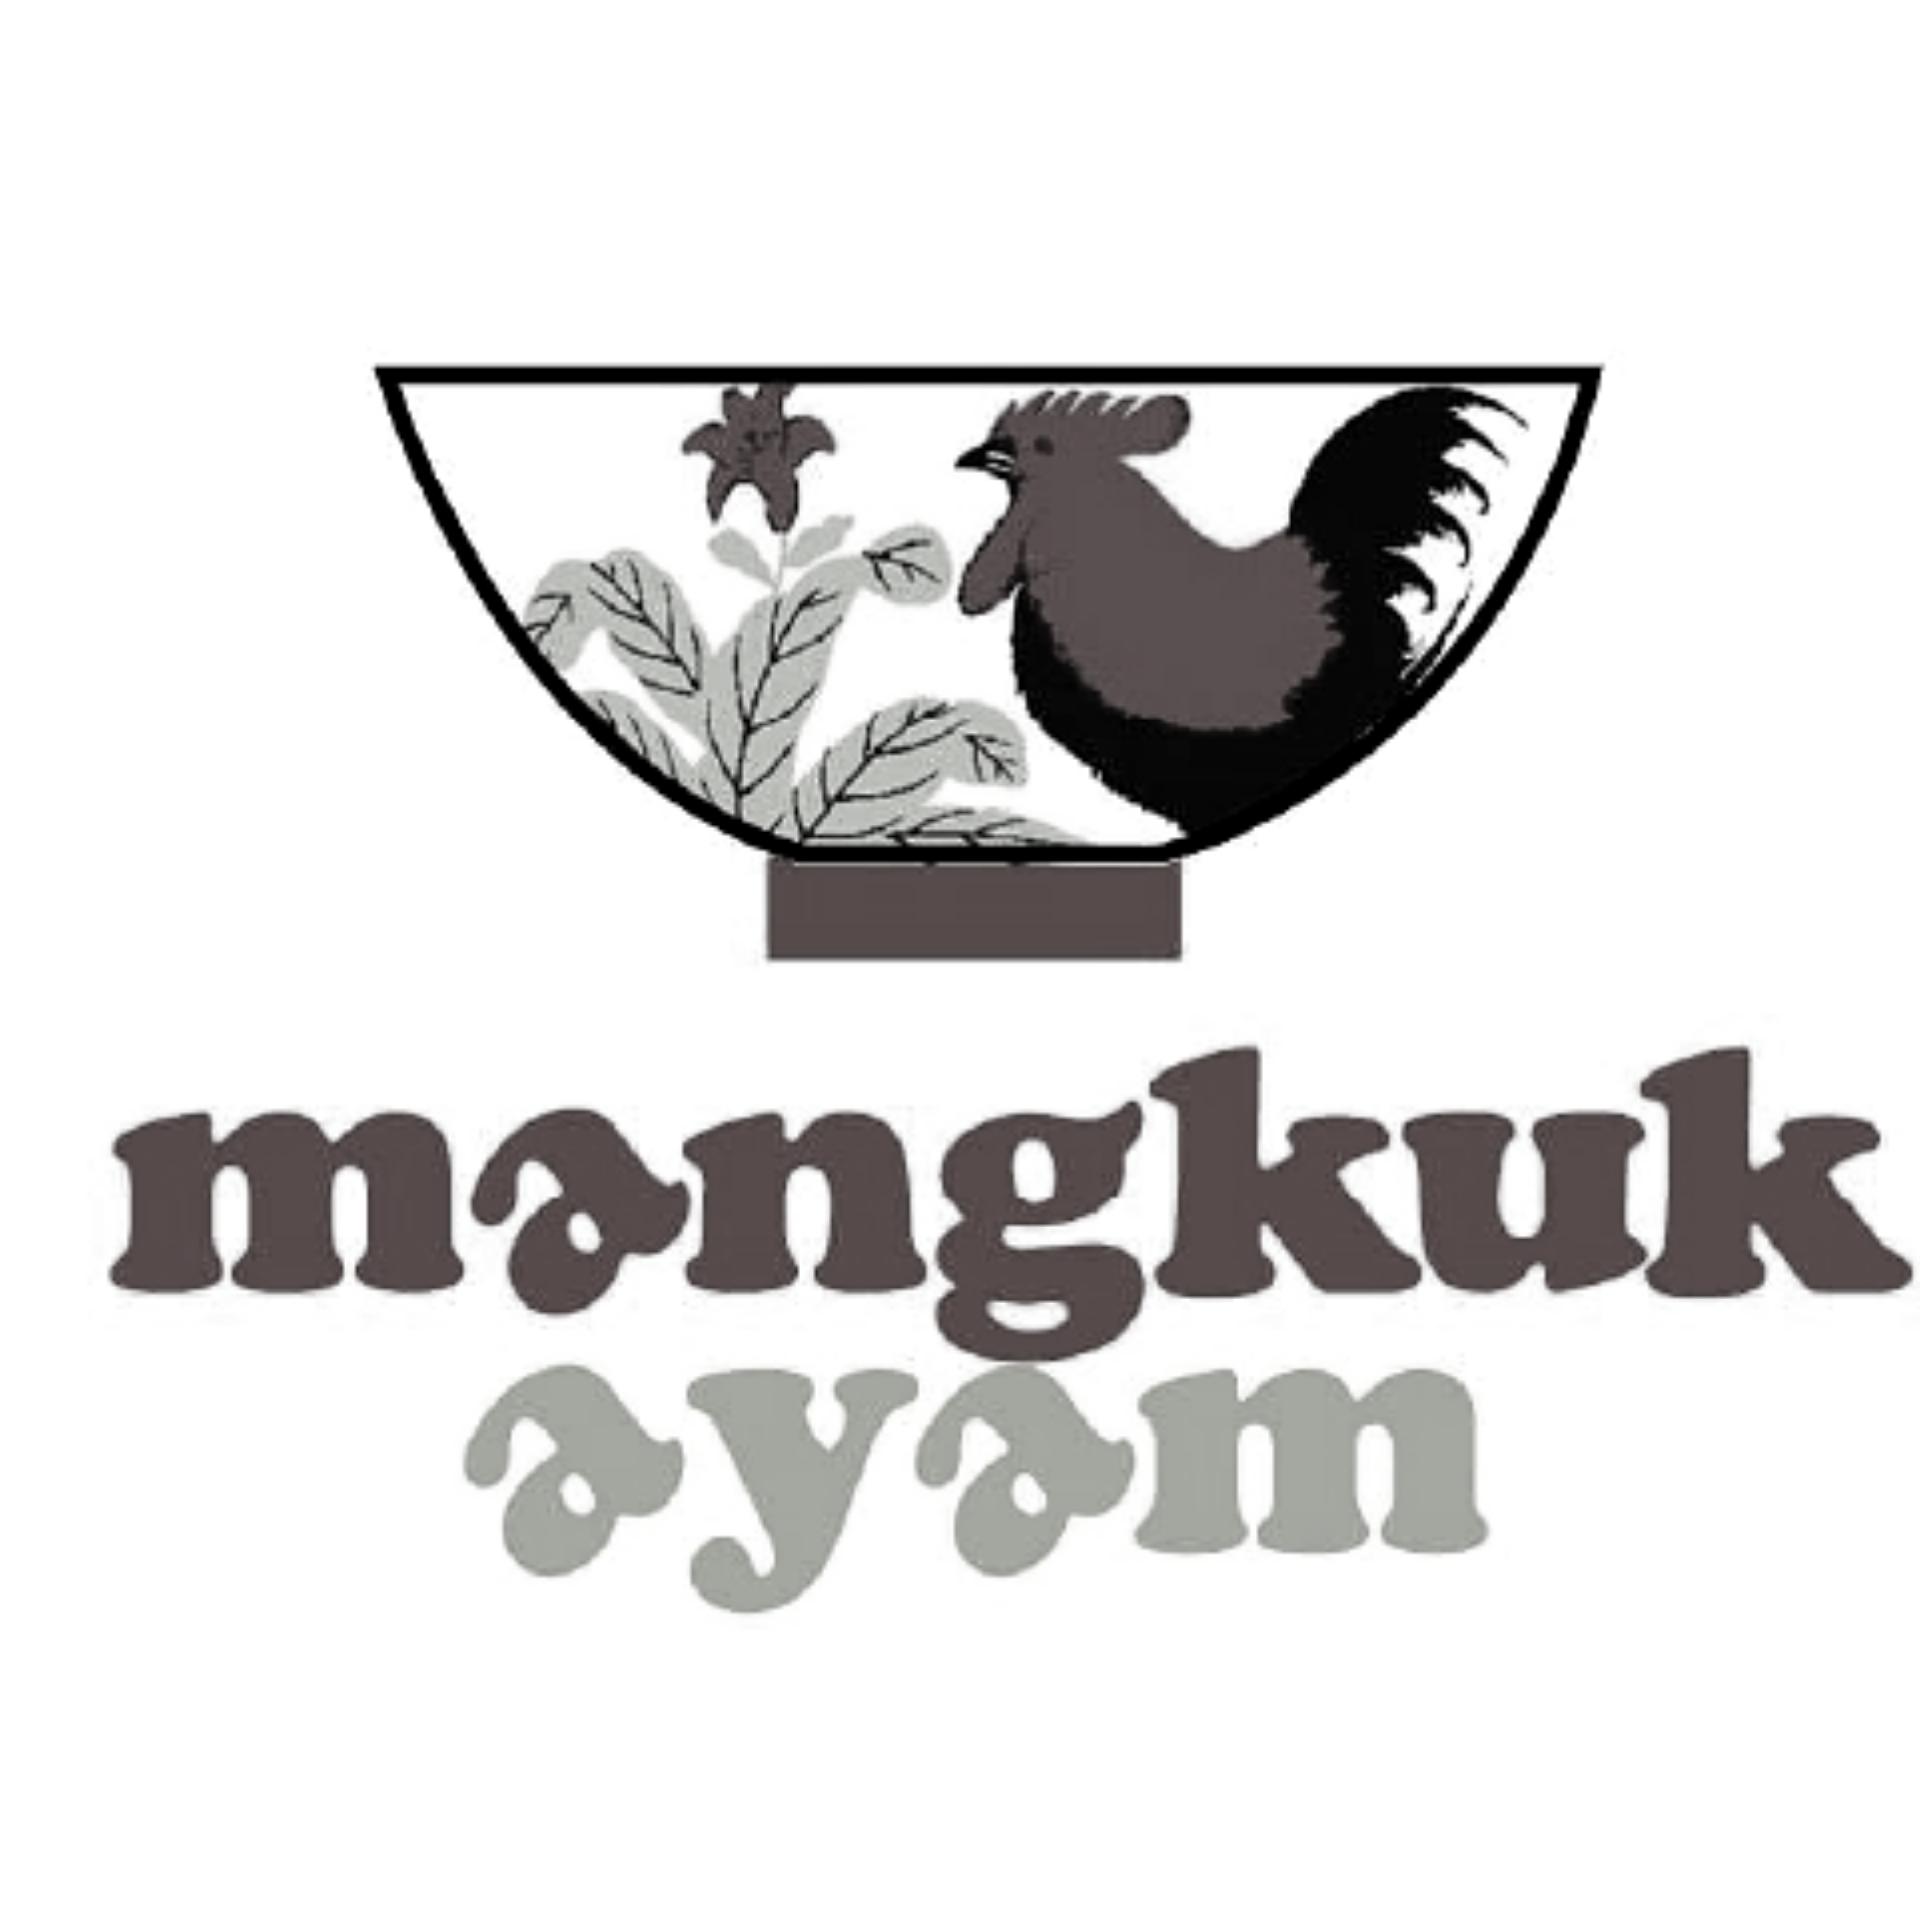 Mangkok Ayam cyberjaya